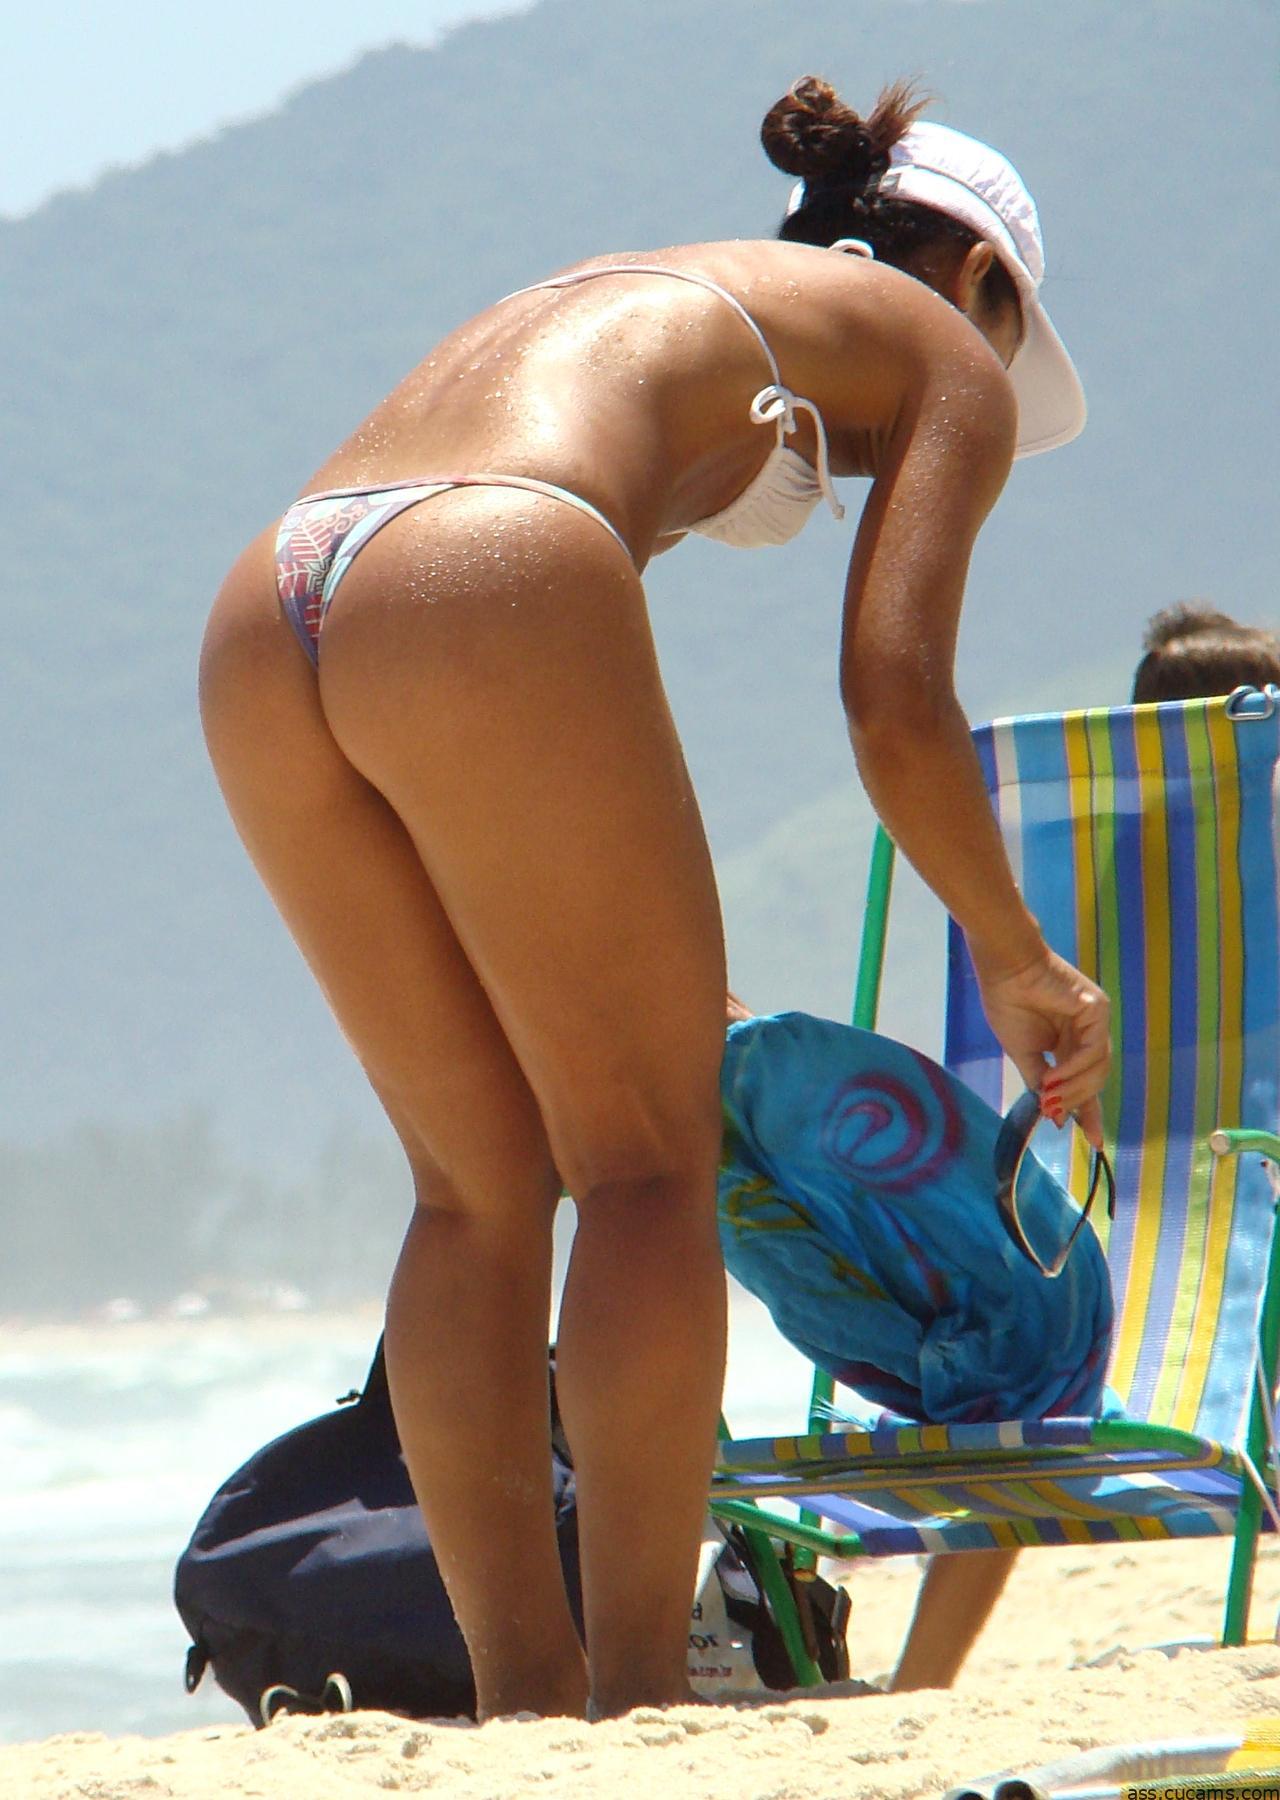 Ass Woman Cumshot by ass.cucams.com